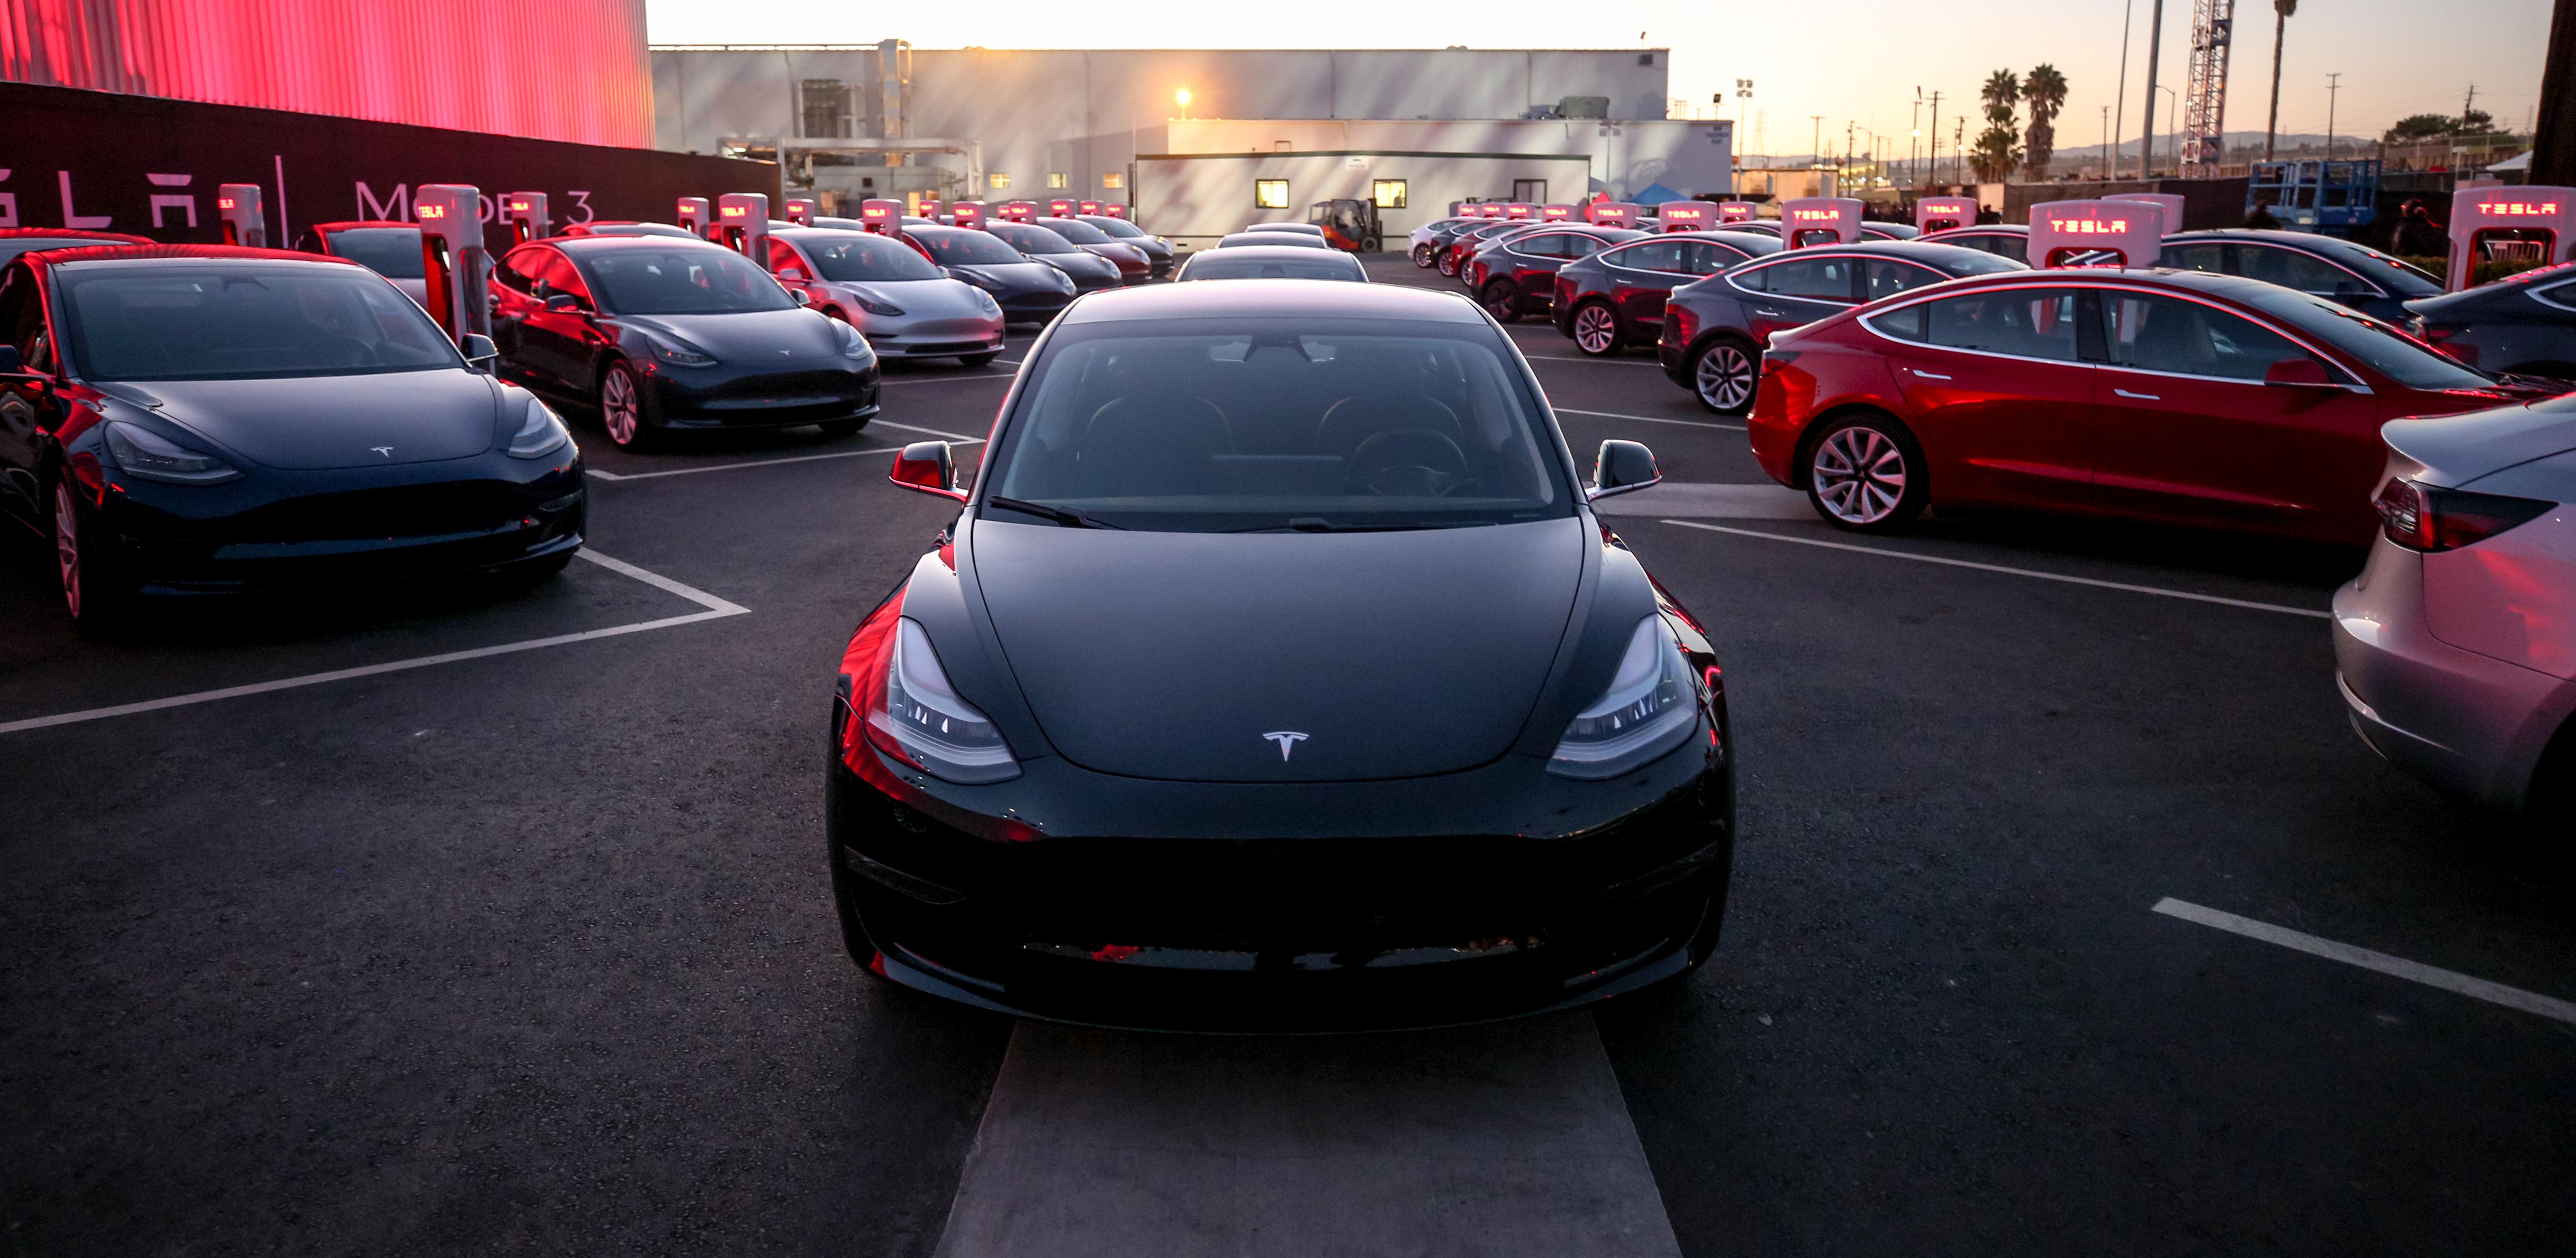 Bereits mehr als 1'400 Bestellung für das Tesla Model 3 in der Schweiz, über 15'500 in Europa